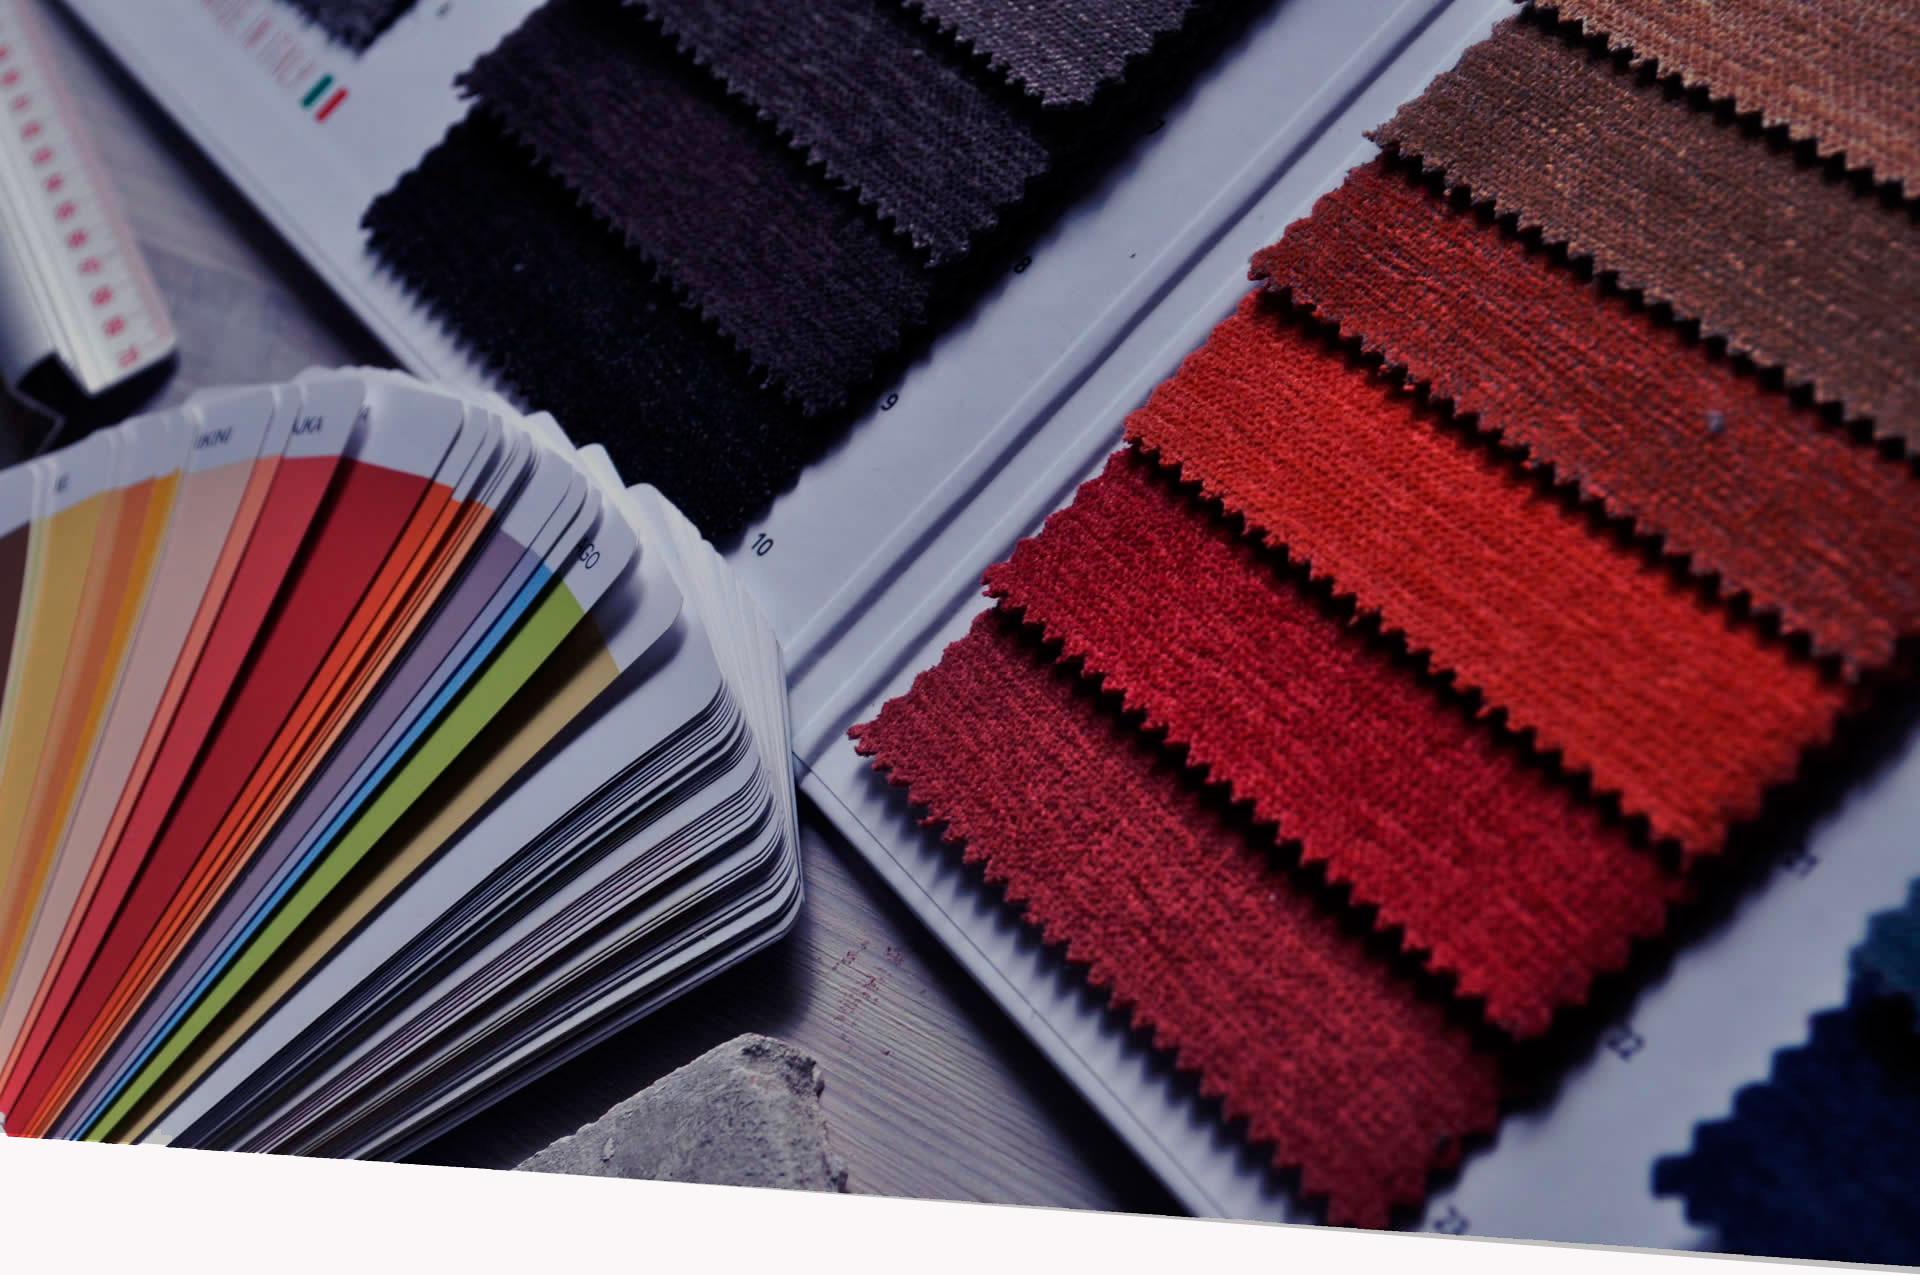 El outlet de la pintura americana por la Gomez Morin | Pintura y accesorios en el área de la Gomez Morin | Impermeabilizantes en el área por la Gómez Morin